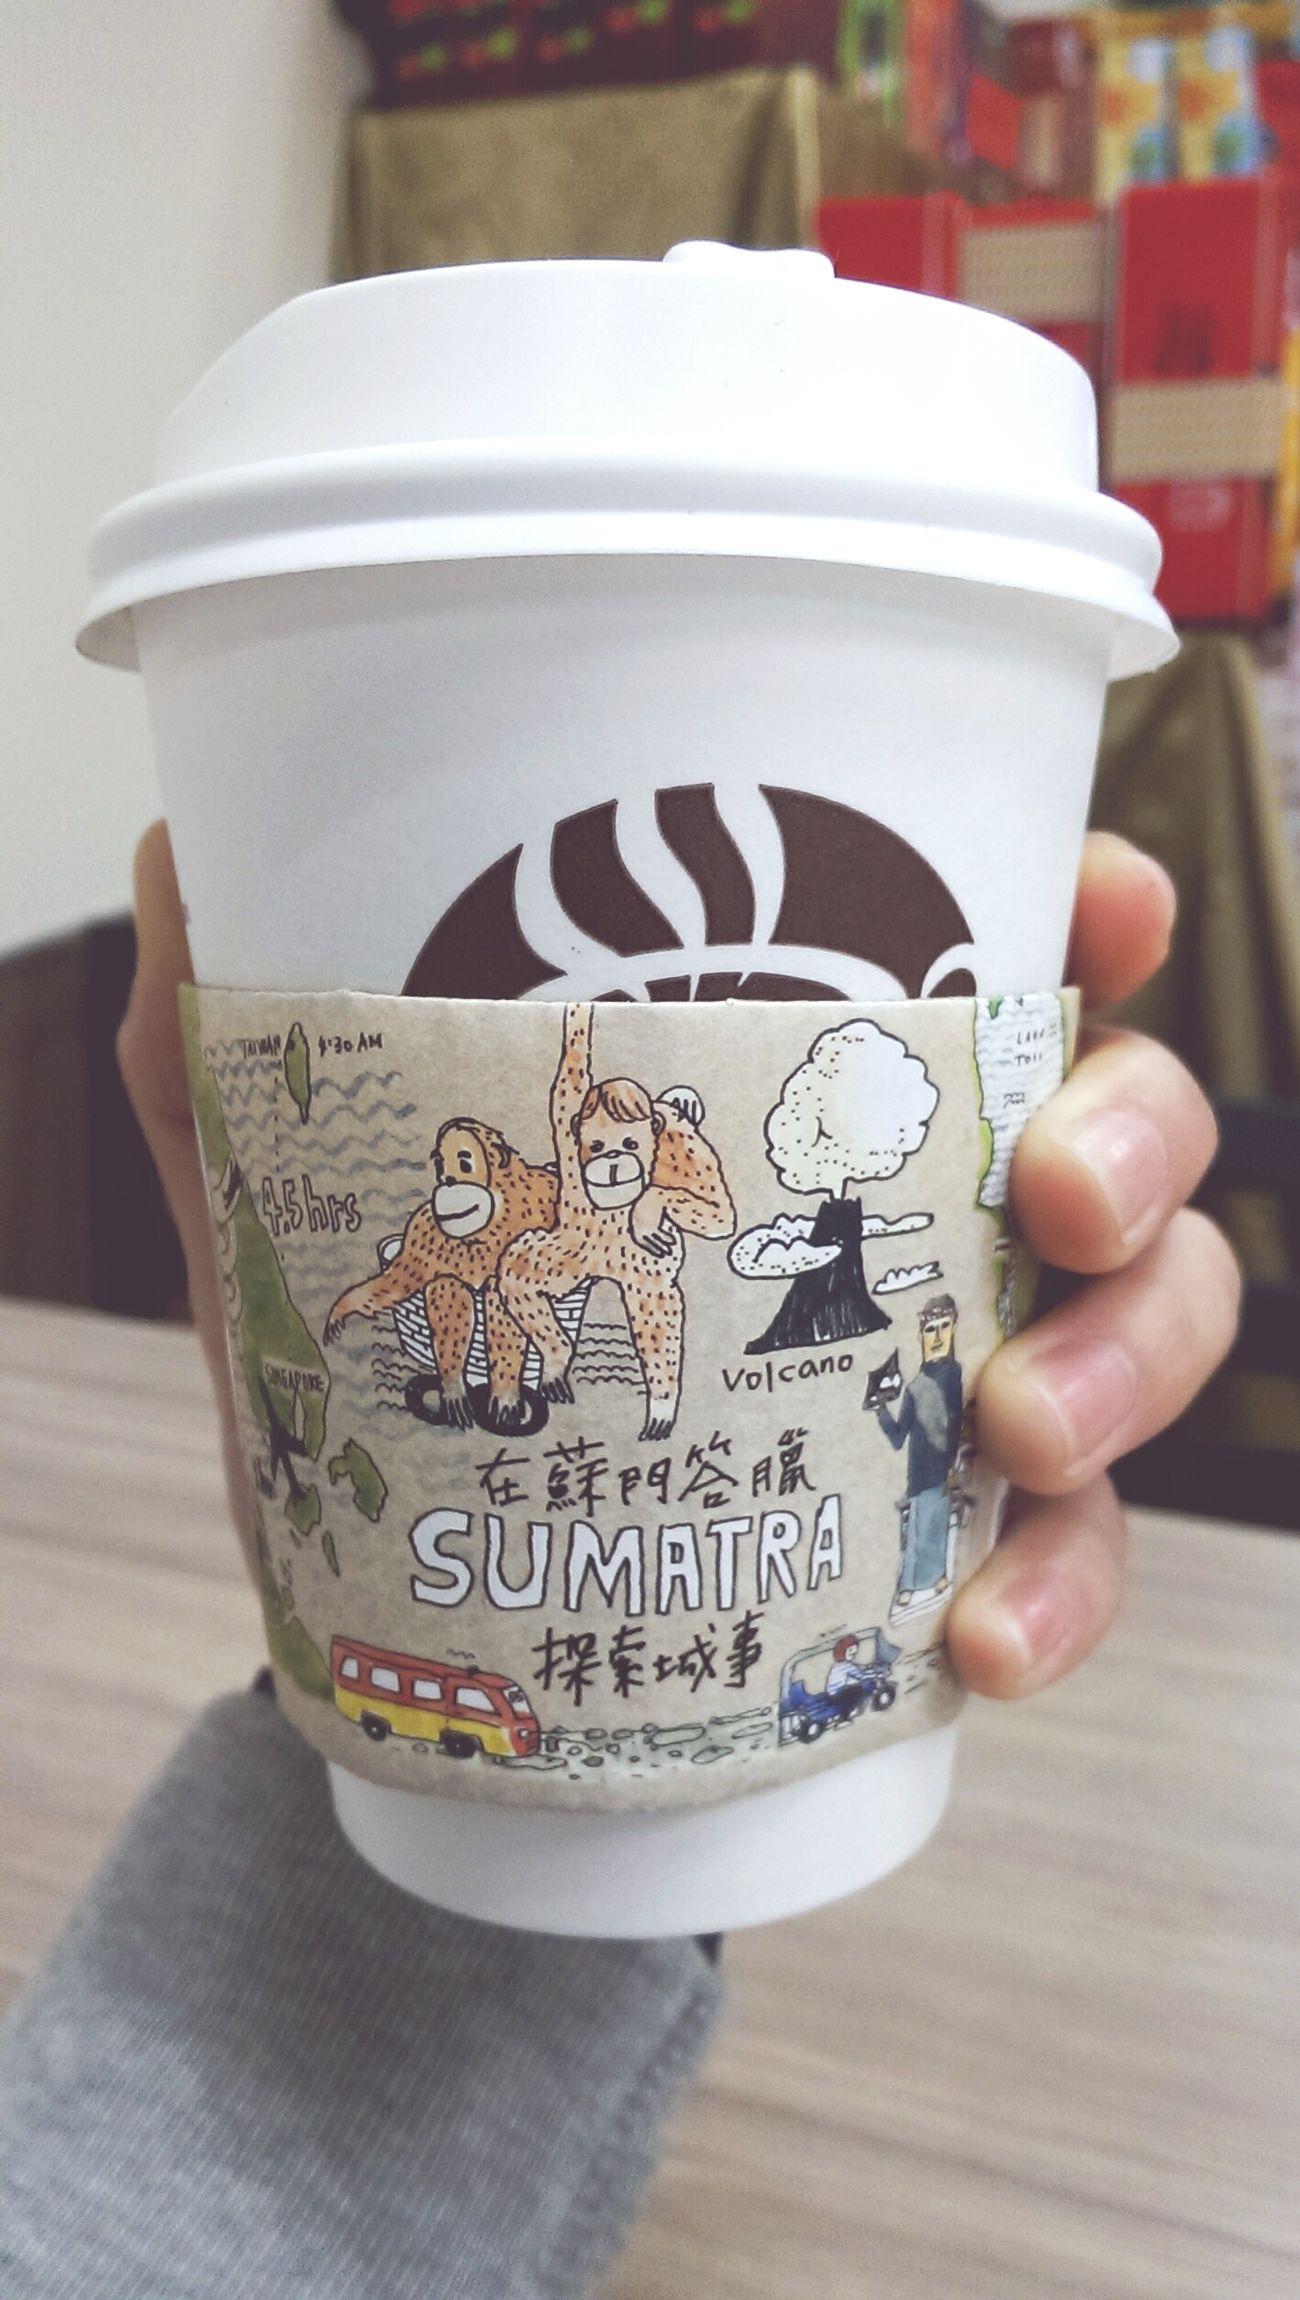 用美麗的心情迎接禮拜五的早晨!對週末抱有期待!加油吧!Cafe Latte Yilan, Taiwan 艸木森森 Enjoying Life Morning Enjoying Life Good Morning 早安晨之美 Working Hard